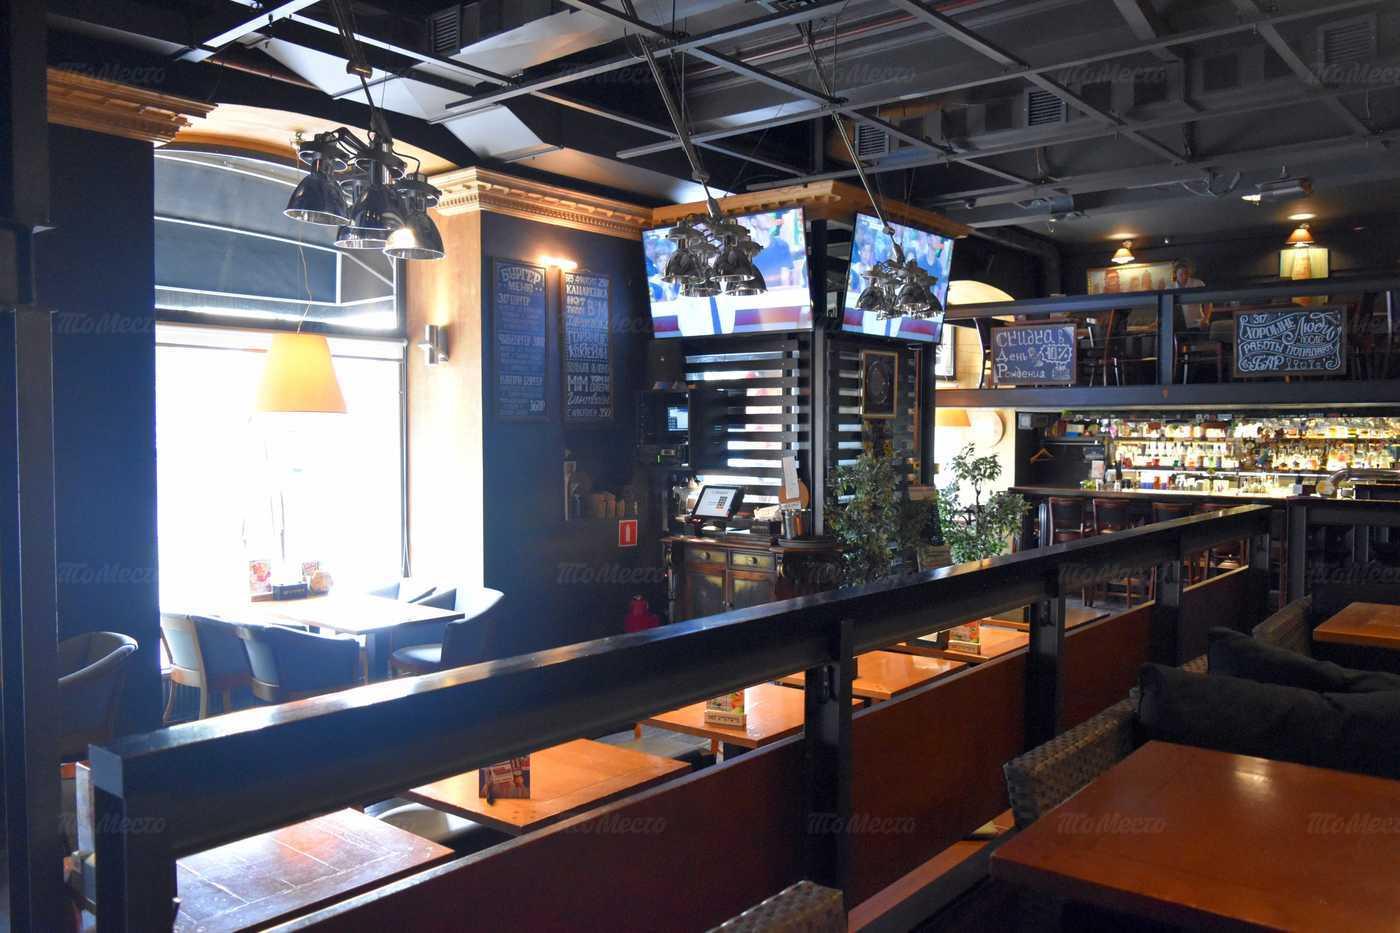 Ресторан Городское кафе 317 в Глубоком переулке фото 13